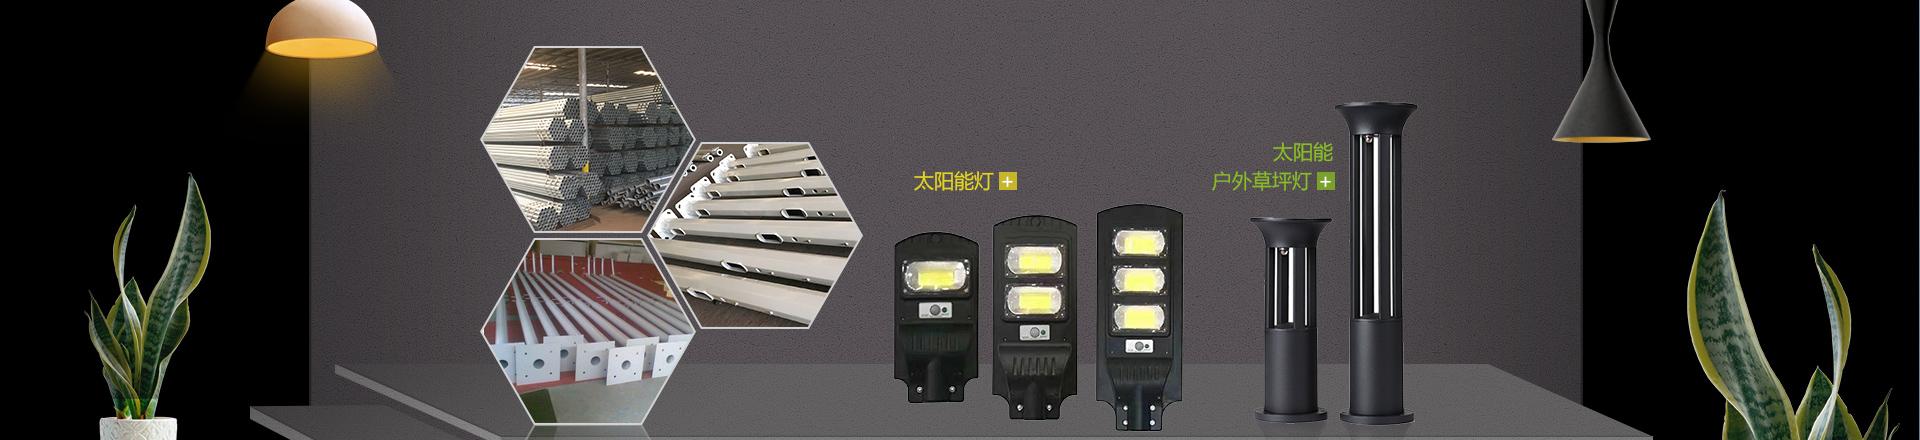 佛山月汇好专注灯具喷塑加工,喷涂厂家,监控立杆厂家